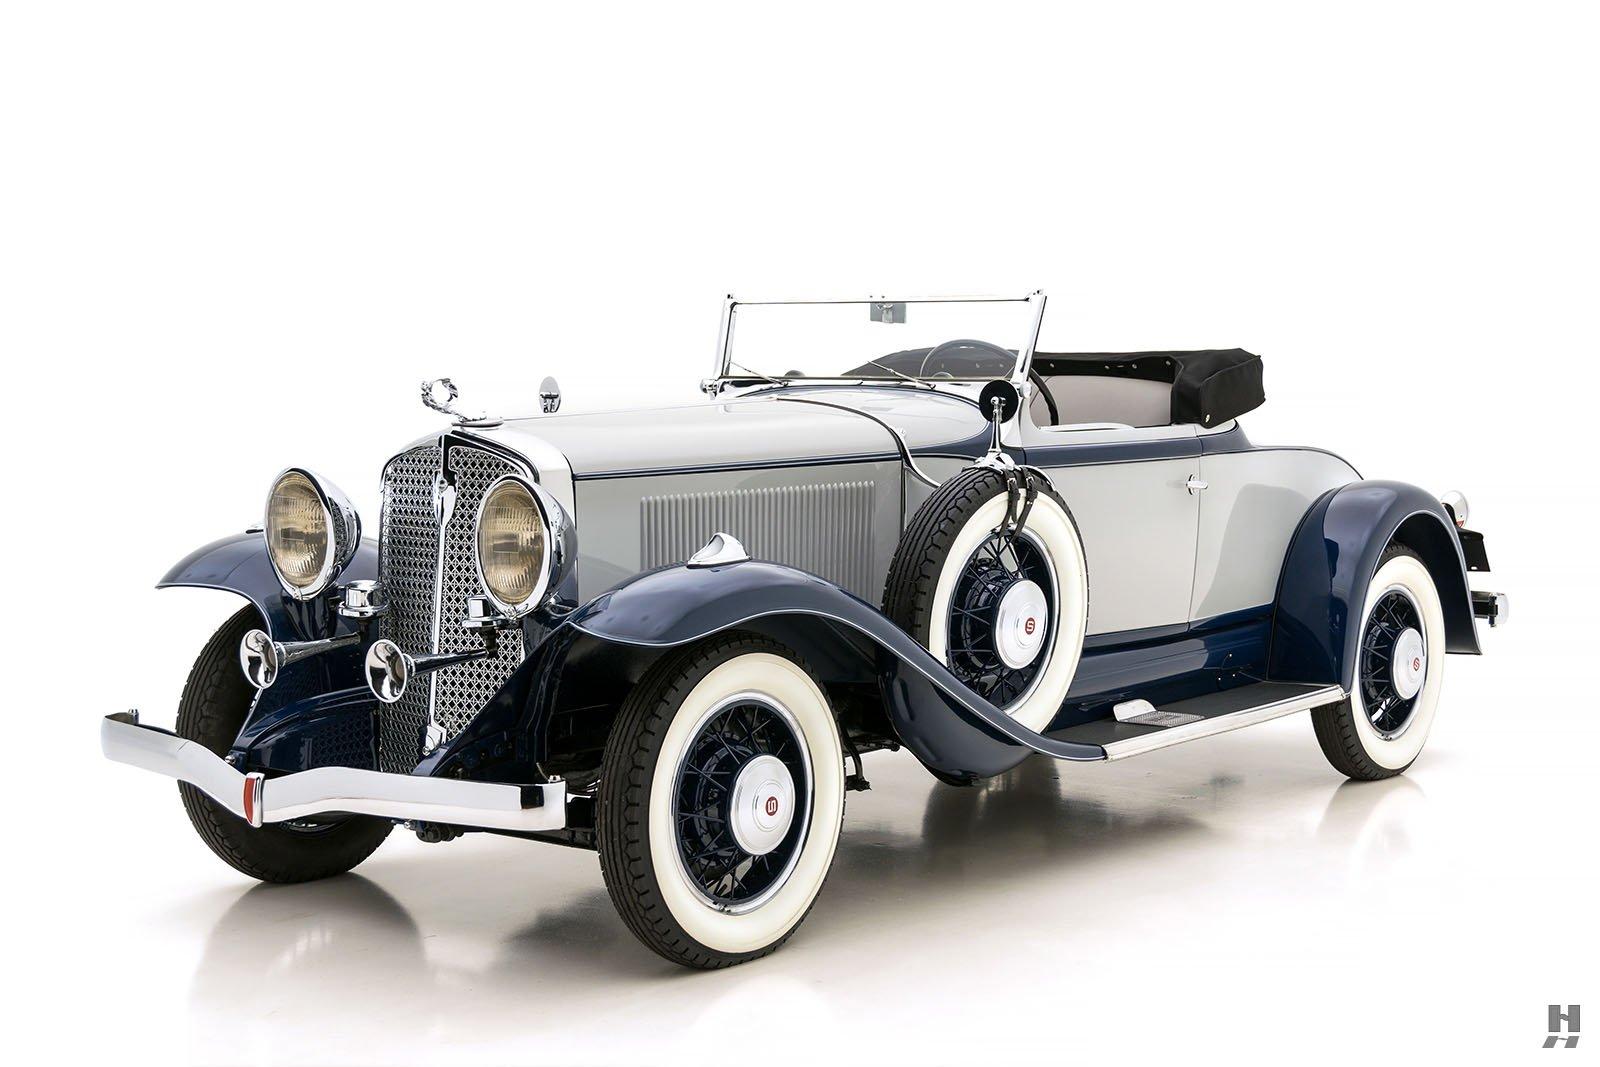 1931 Studebaker President 4 Seasons Roadster For Sale at Hyman LTD